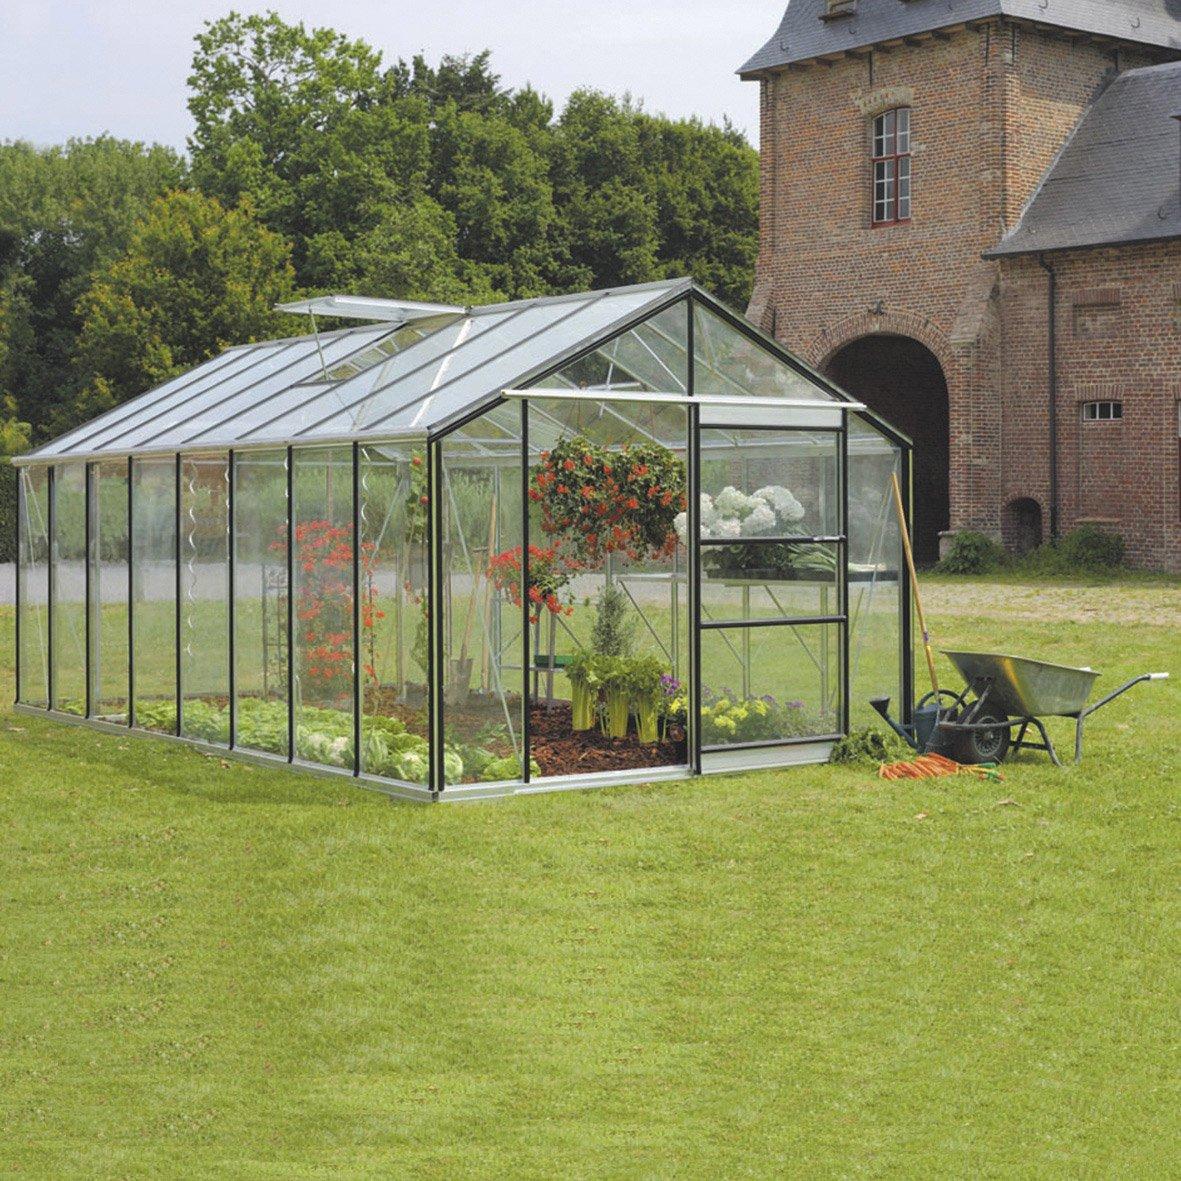 Serre De Jardin Serre De Jardin En Verre Trempé Affinity 18 236 M²